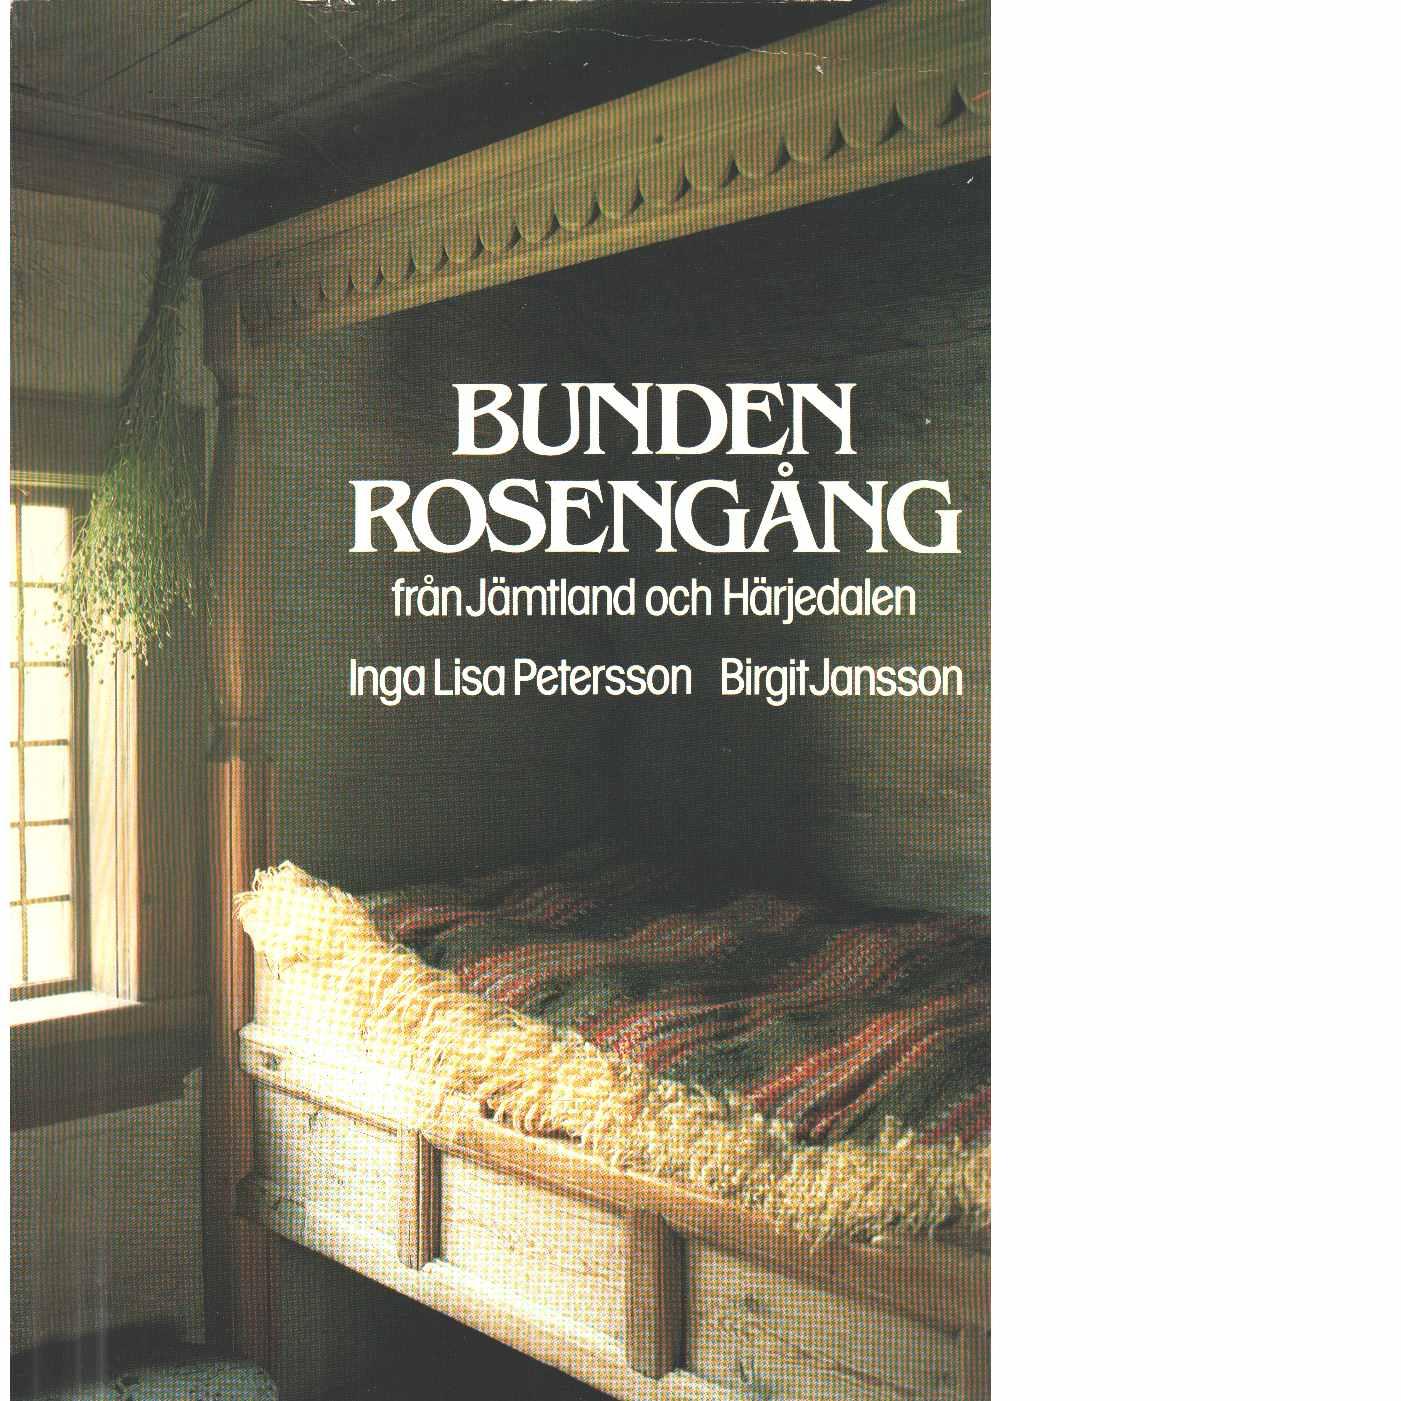 Bunden rosengång från Jämtland och Härjedalen - Petersson, Inga Lisa och Jansson, Birgit